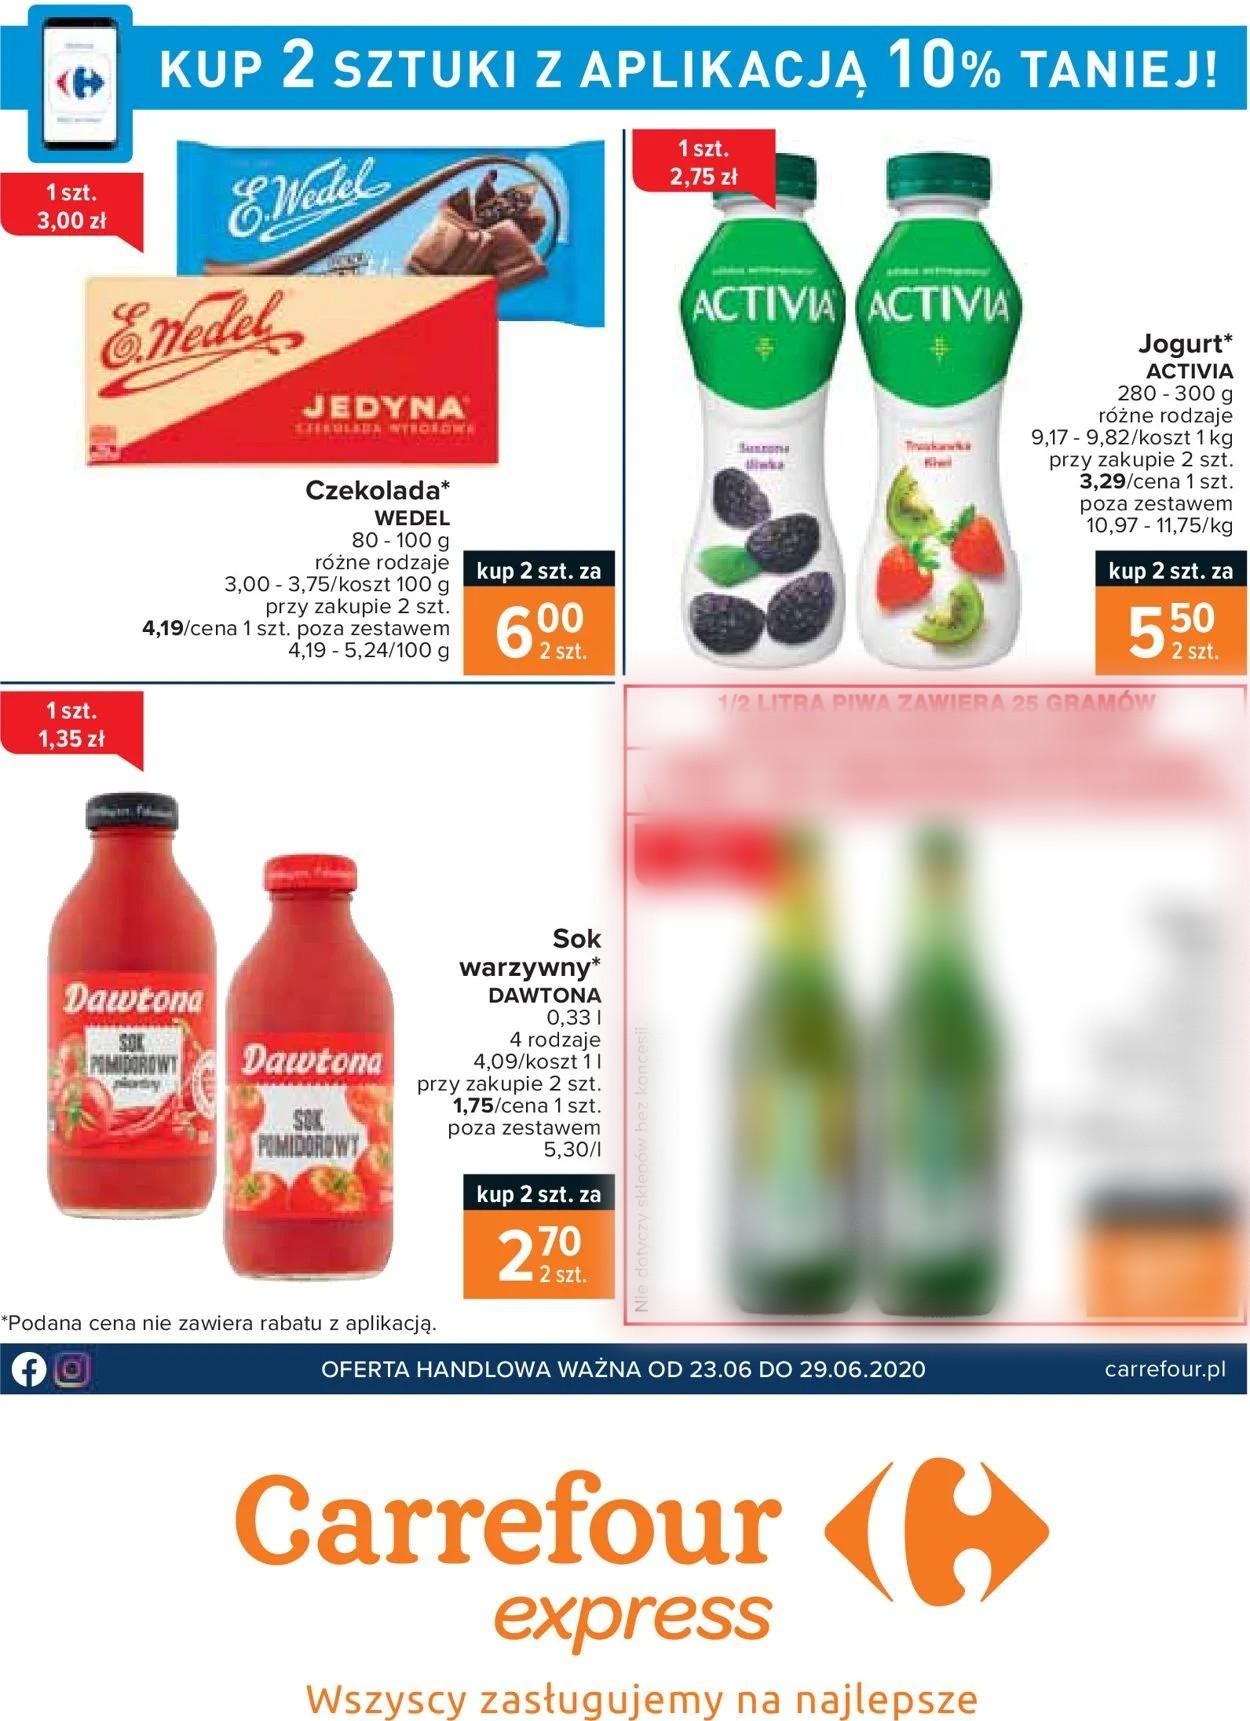 Gazetka promocyjna Carrefour Express - 23.06-29.06.2020